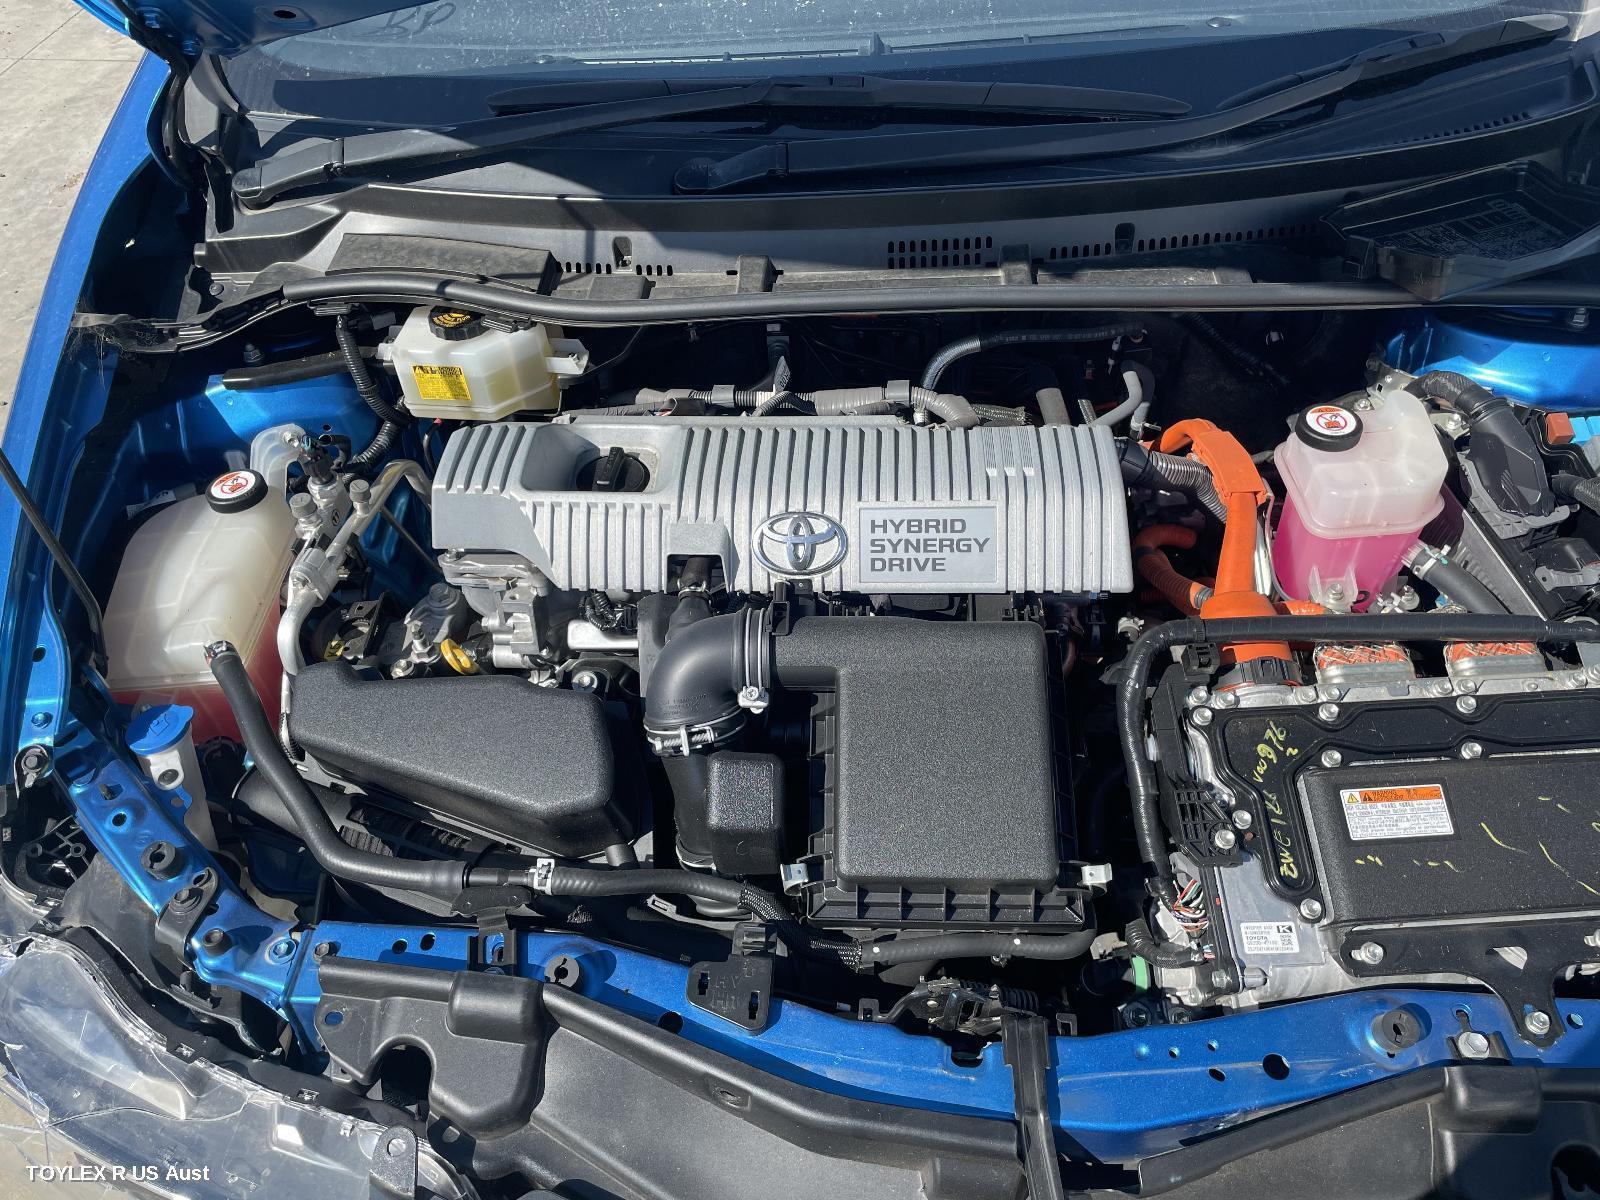 TOYOTA COROLLA, Engine, PETROL, 1.8, 2ZR-FXE, HYBRID, ZWE186R, 06/16-06/18